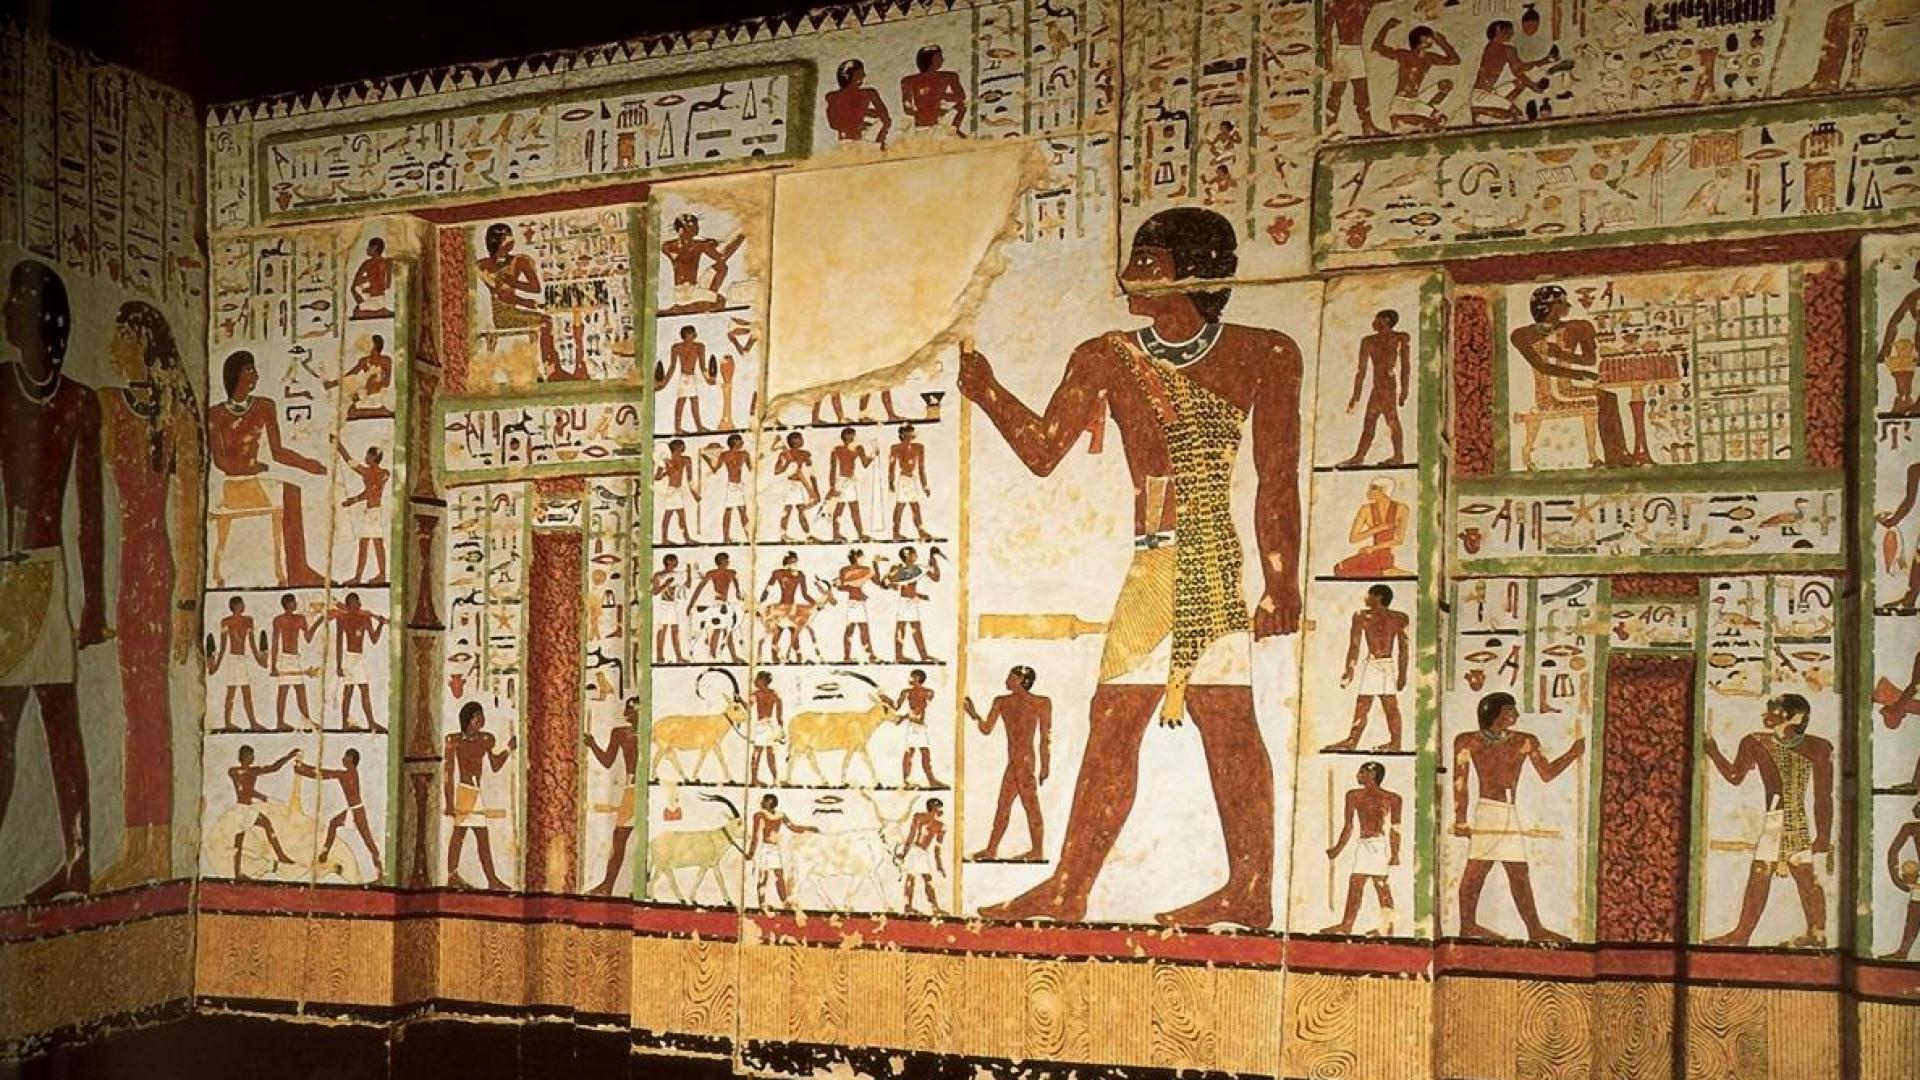 egyptology images